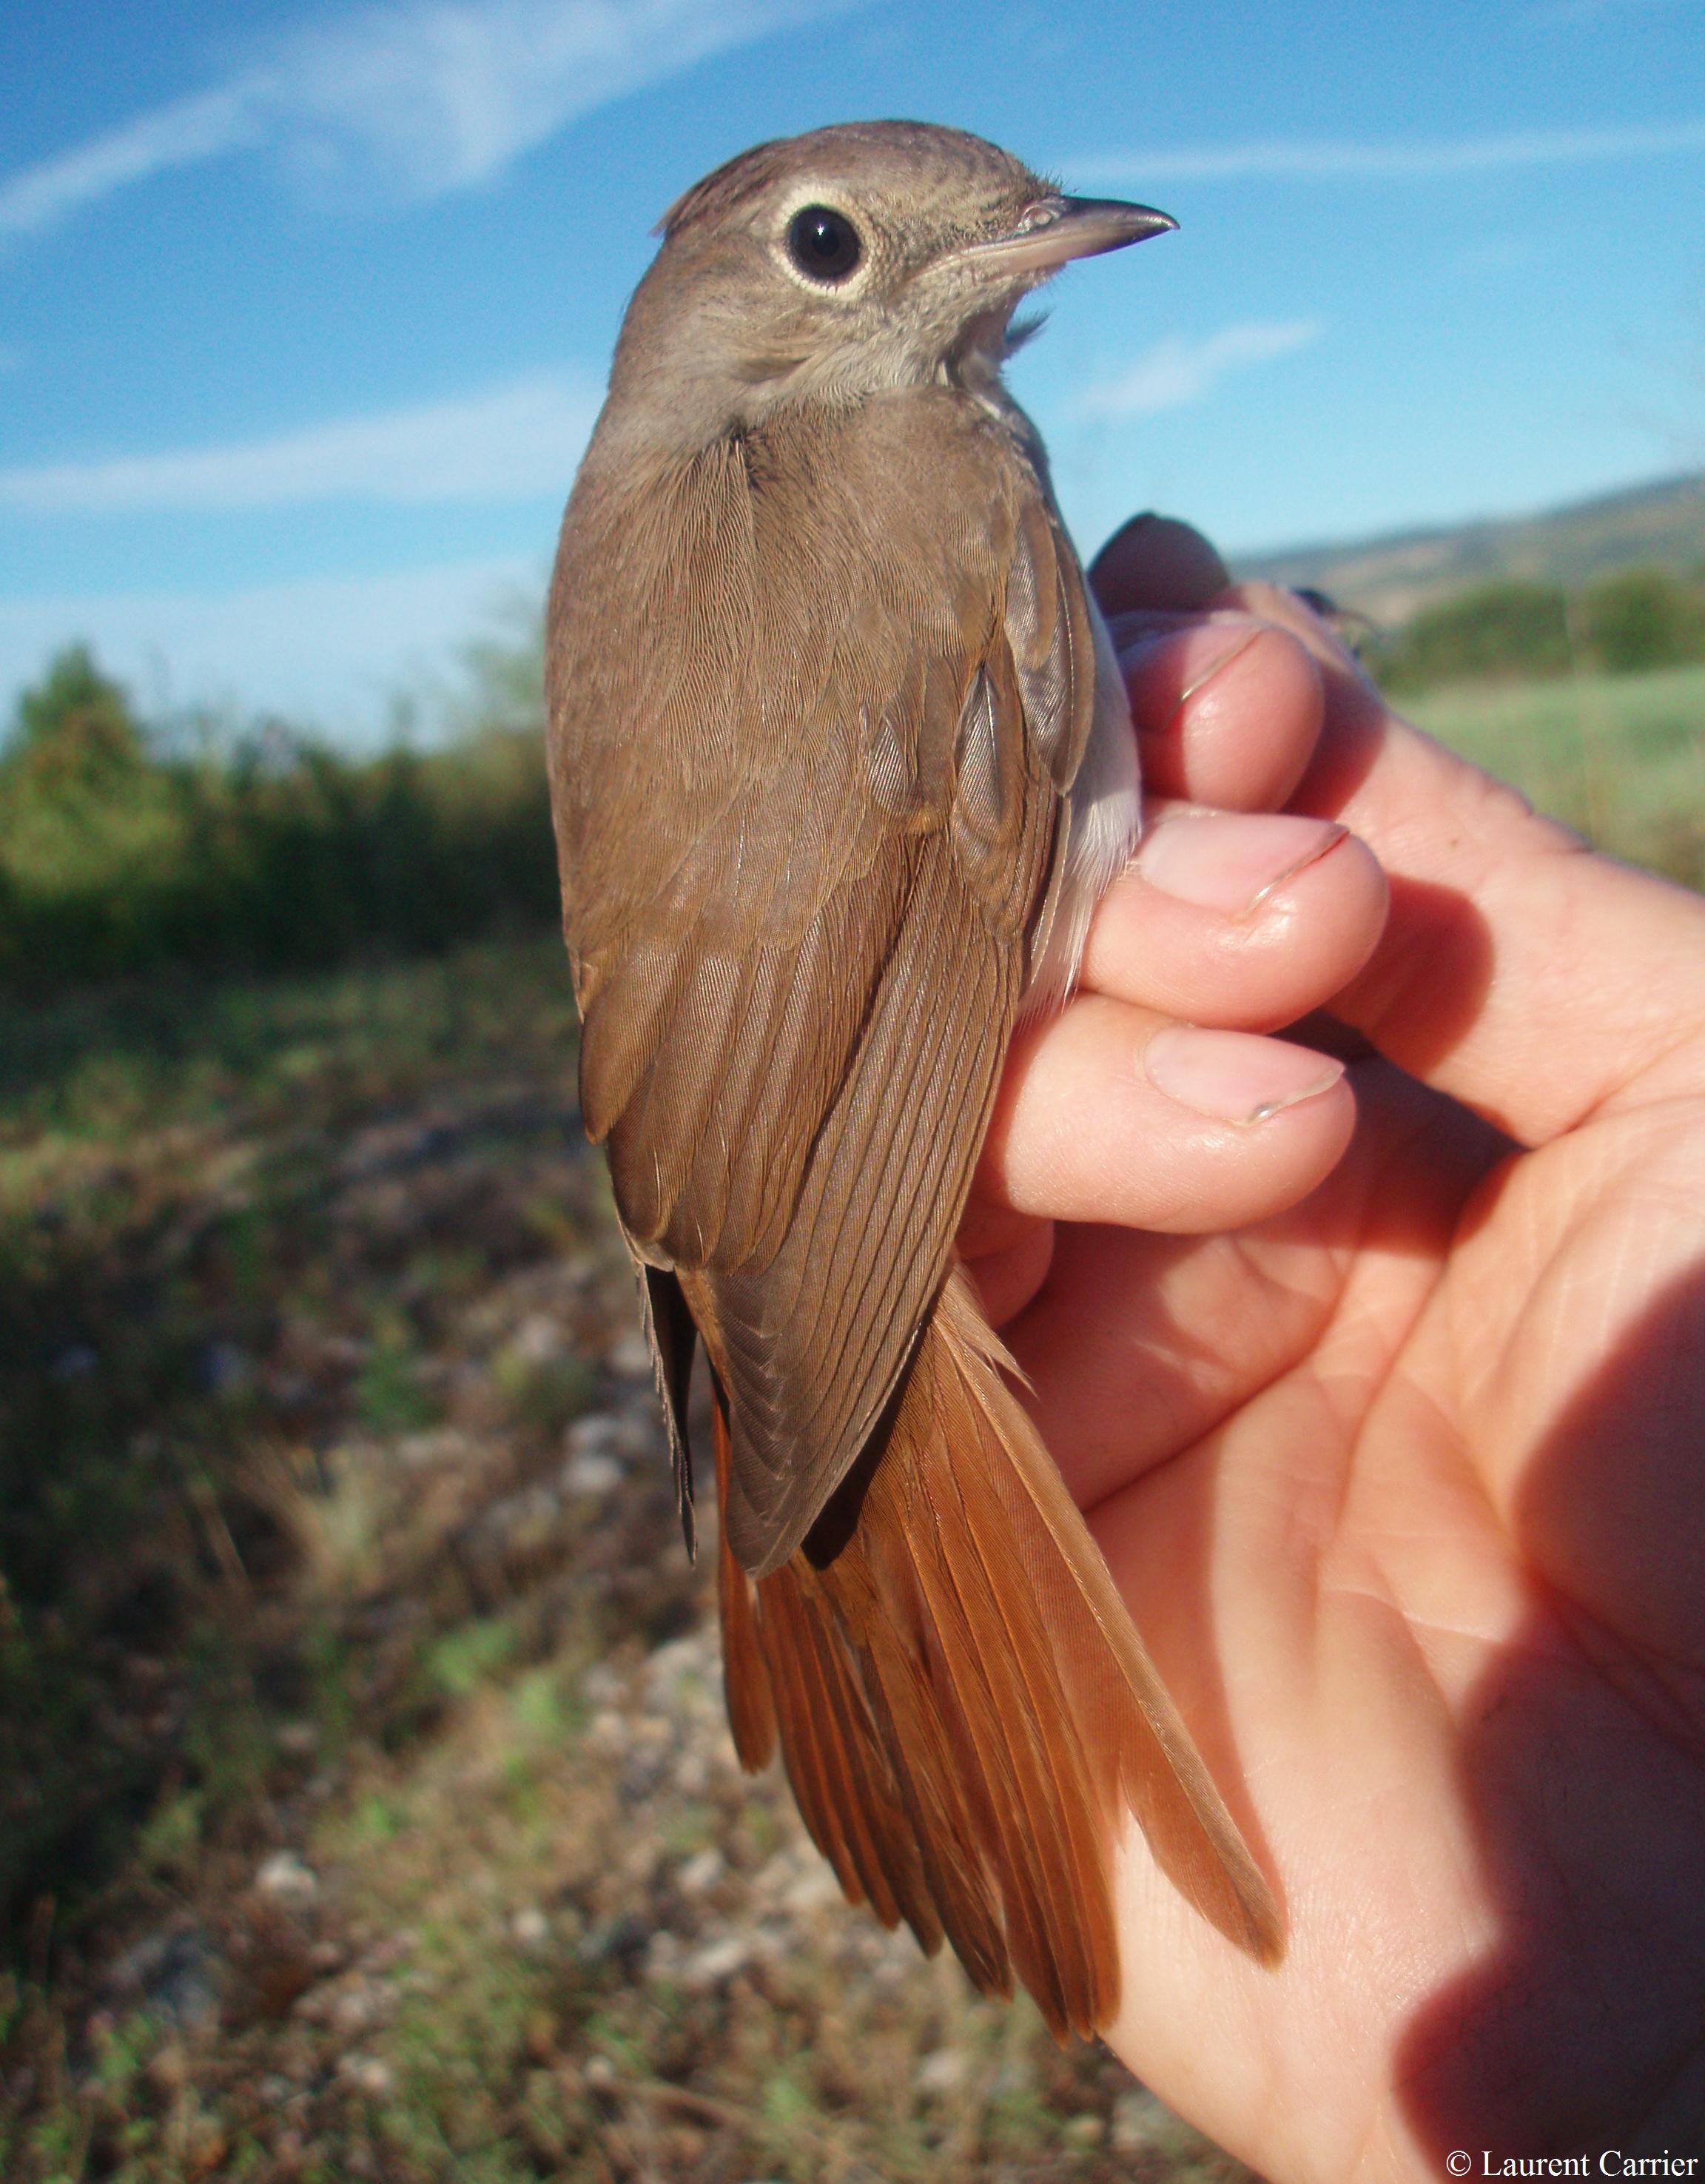 oiseau Martin 25 janvier trouvé par Ajonc Lusmeg-1A-05aou08-5